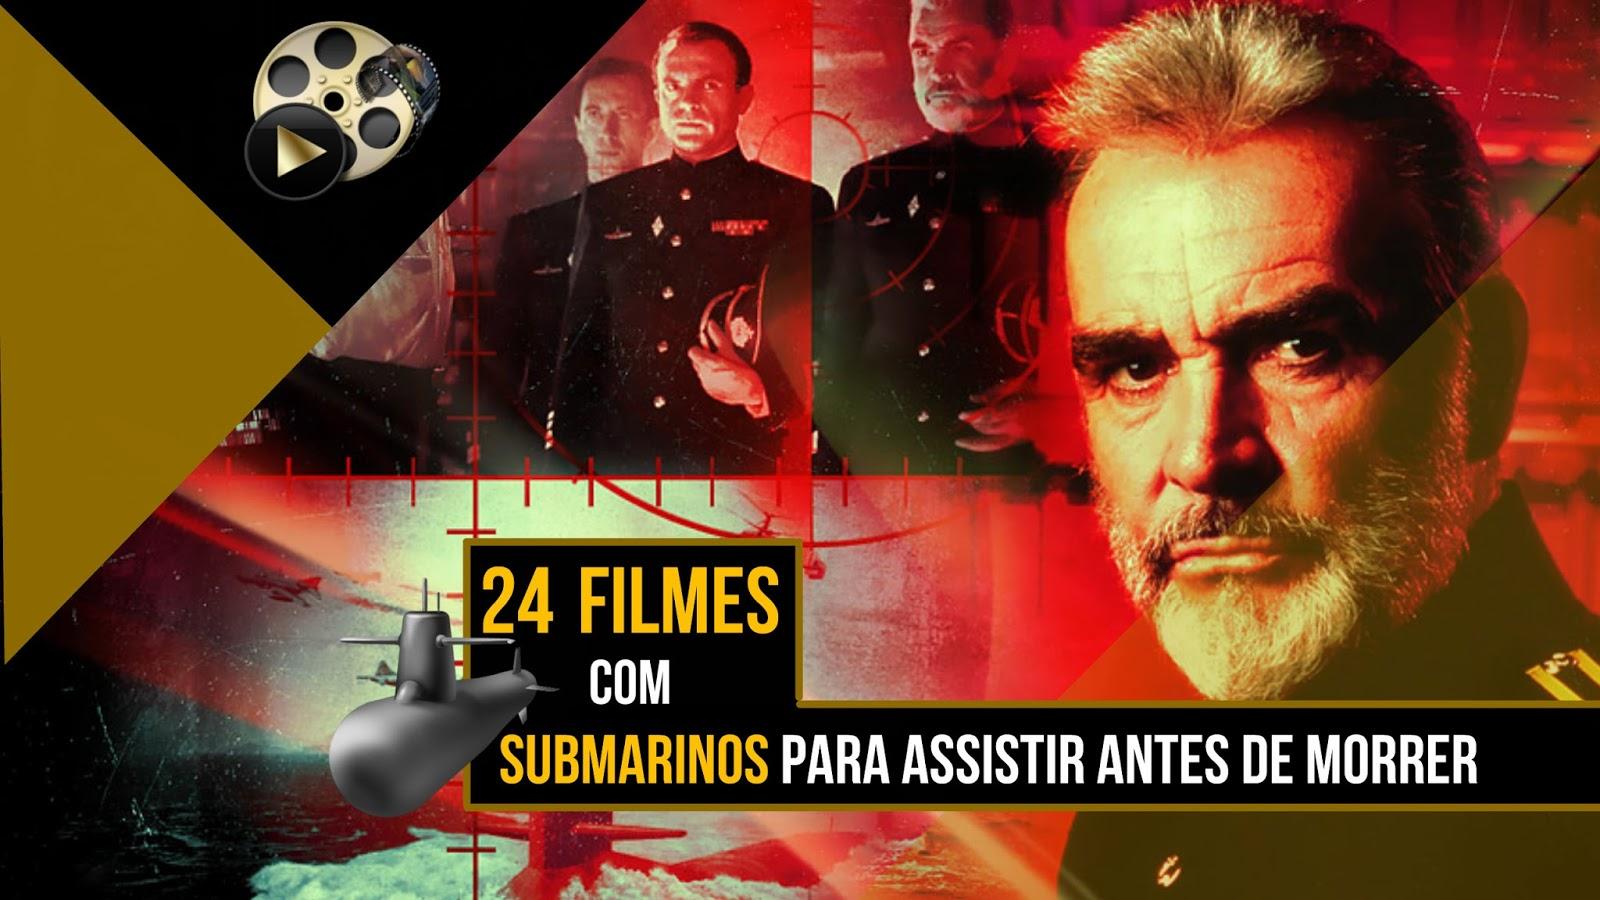 Filmes Russos in 24 filmes com submarinos para assistir antes de morrer